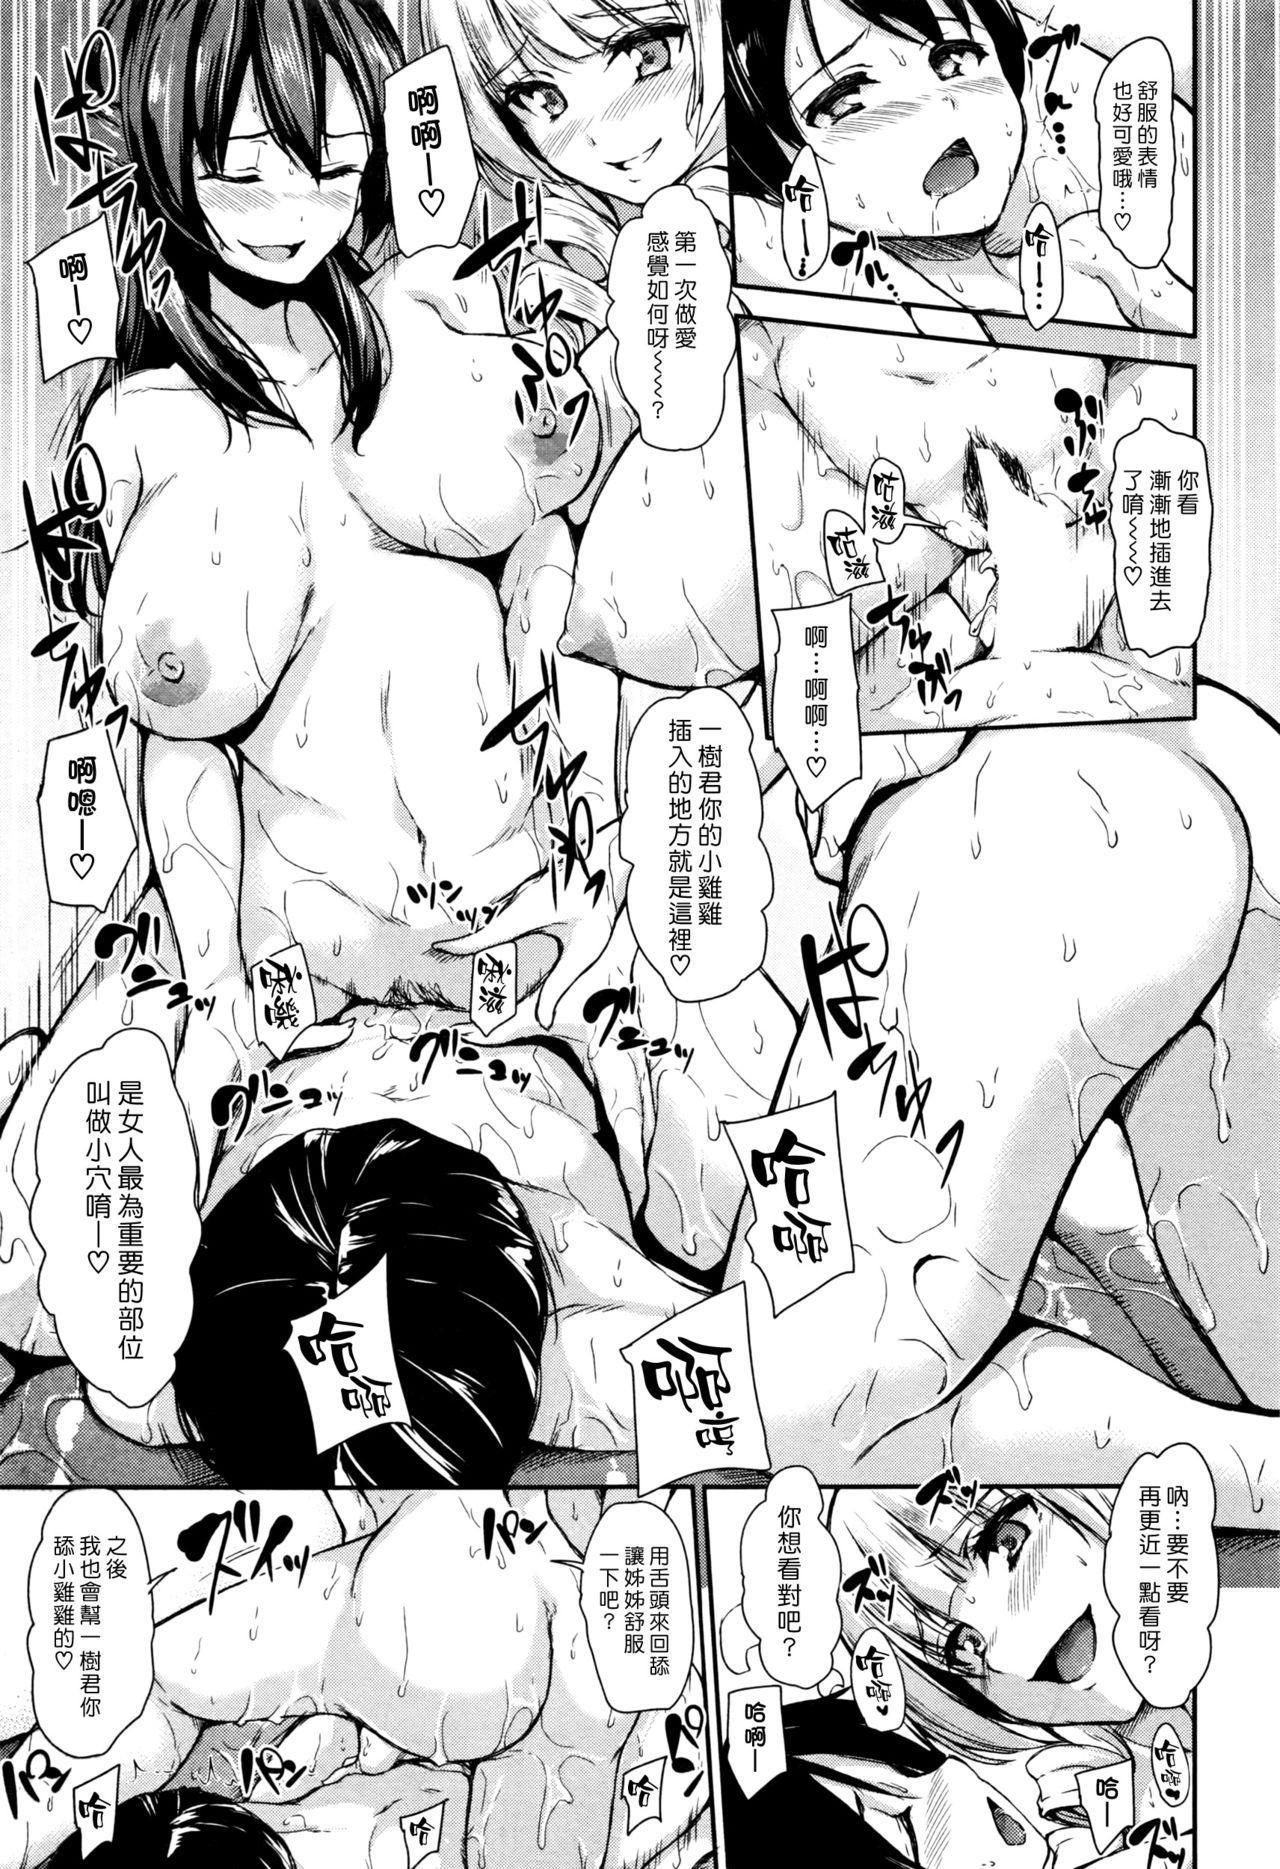 Fudeoro Sisters Ch. 1-2 20